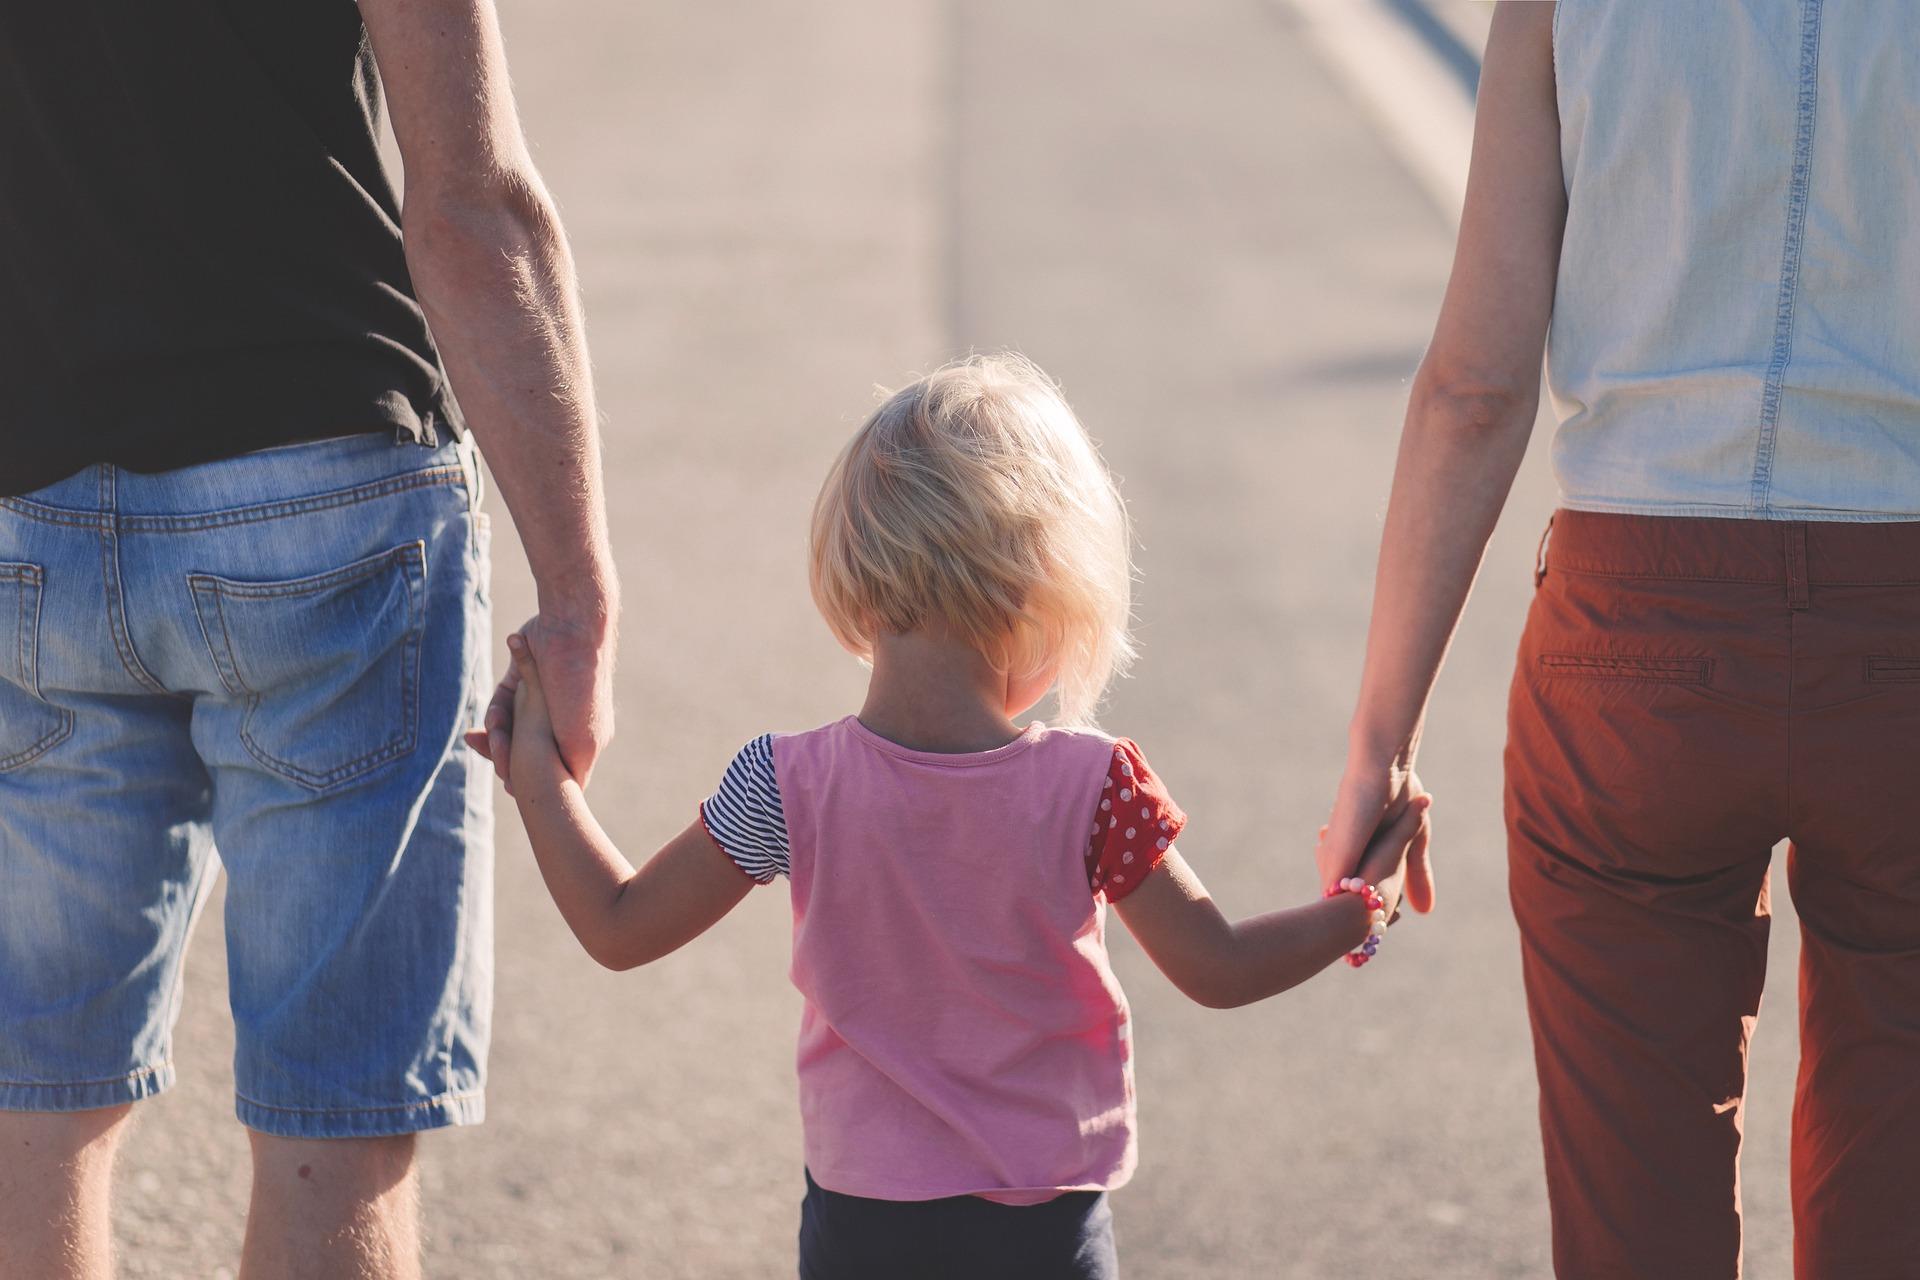 Çocuk Bakıcısı Aile Büyükleri Tarafından Neden Yönlendirilmemelidir?